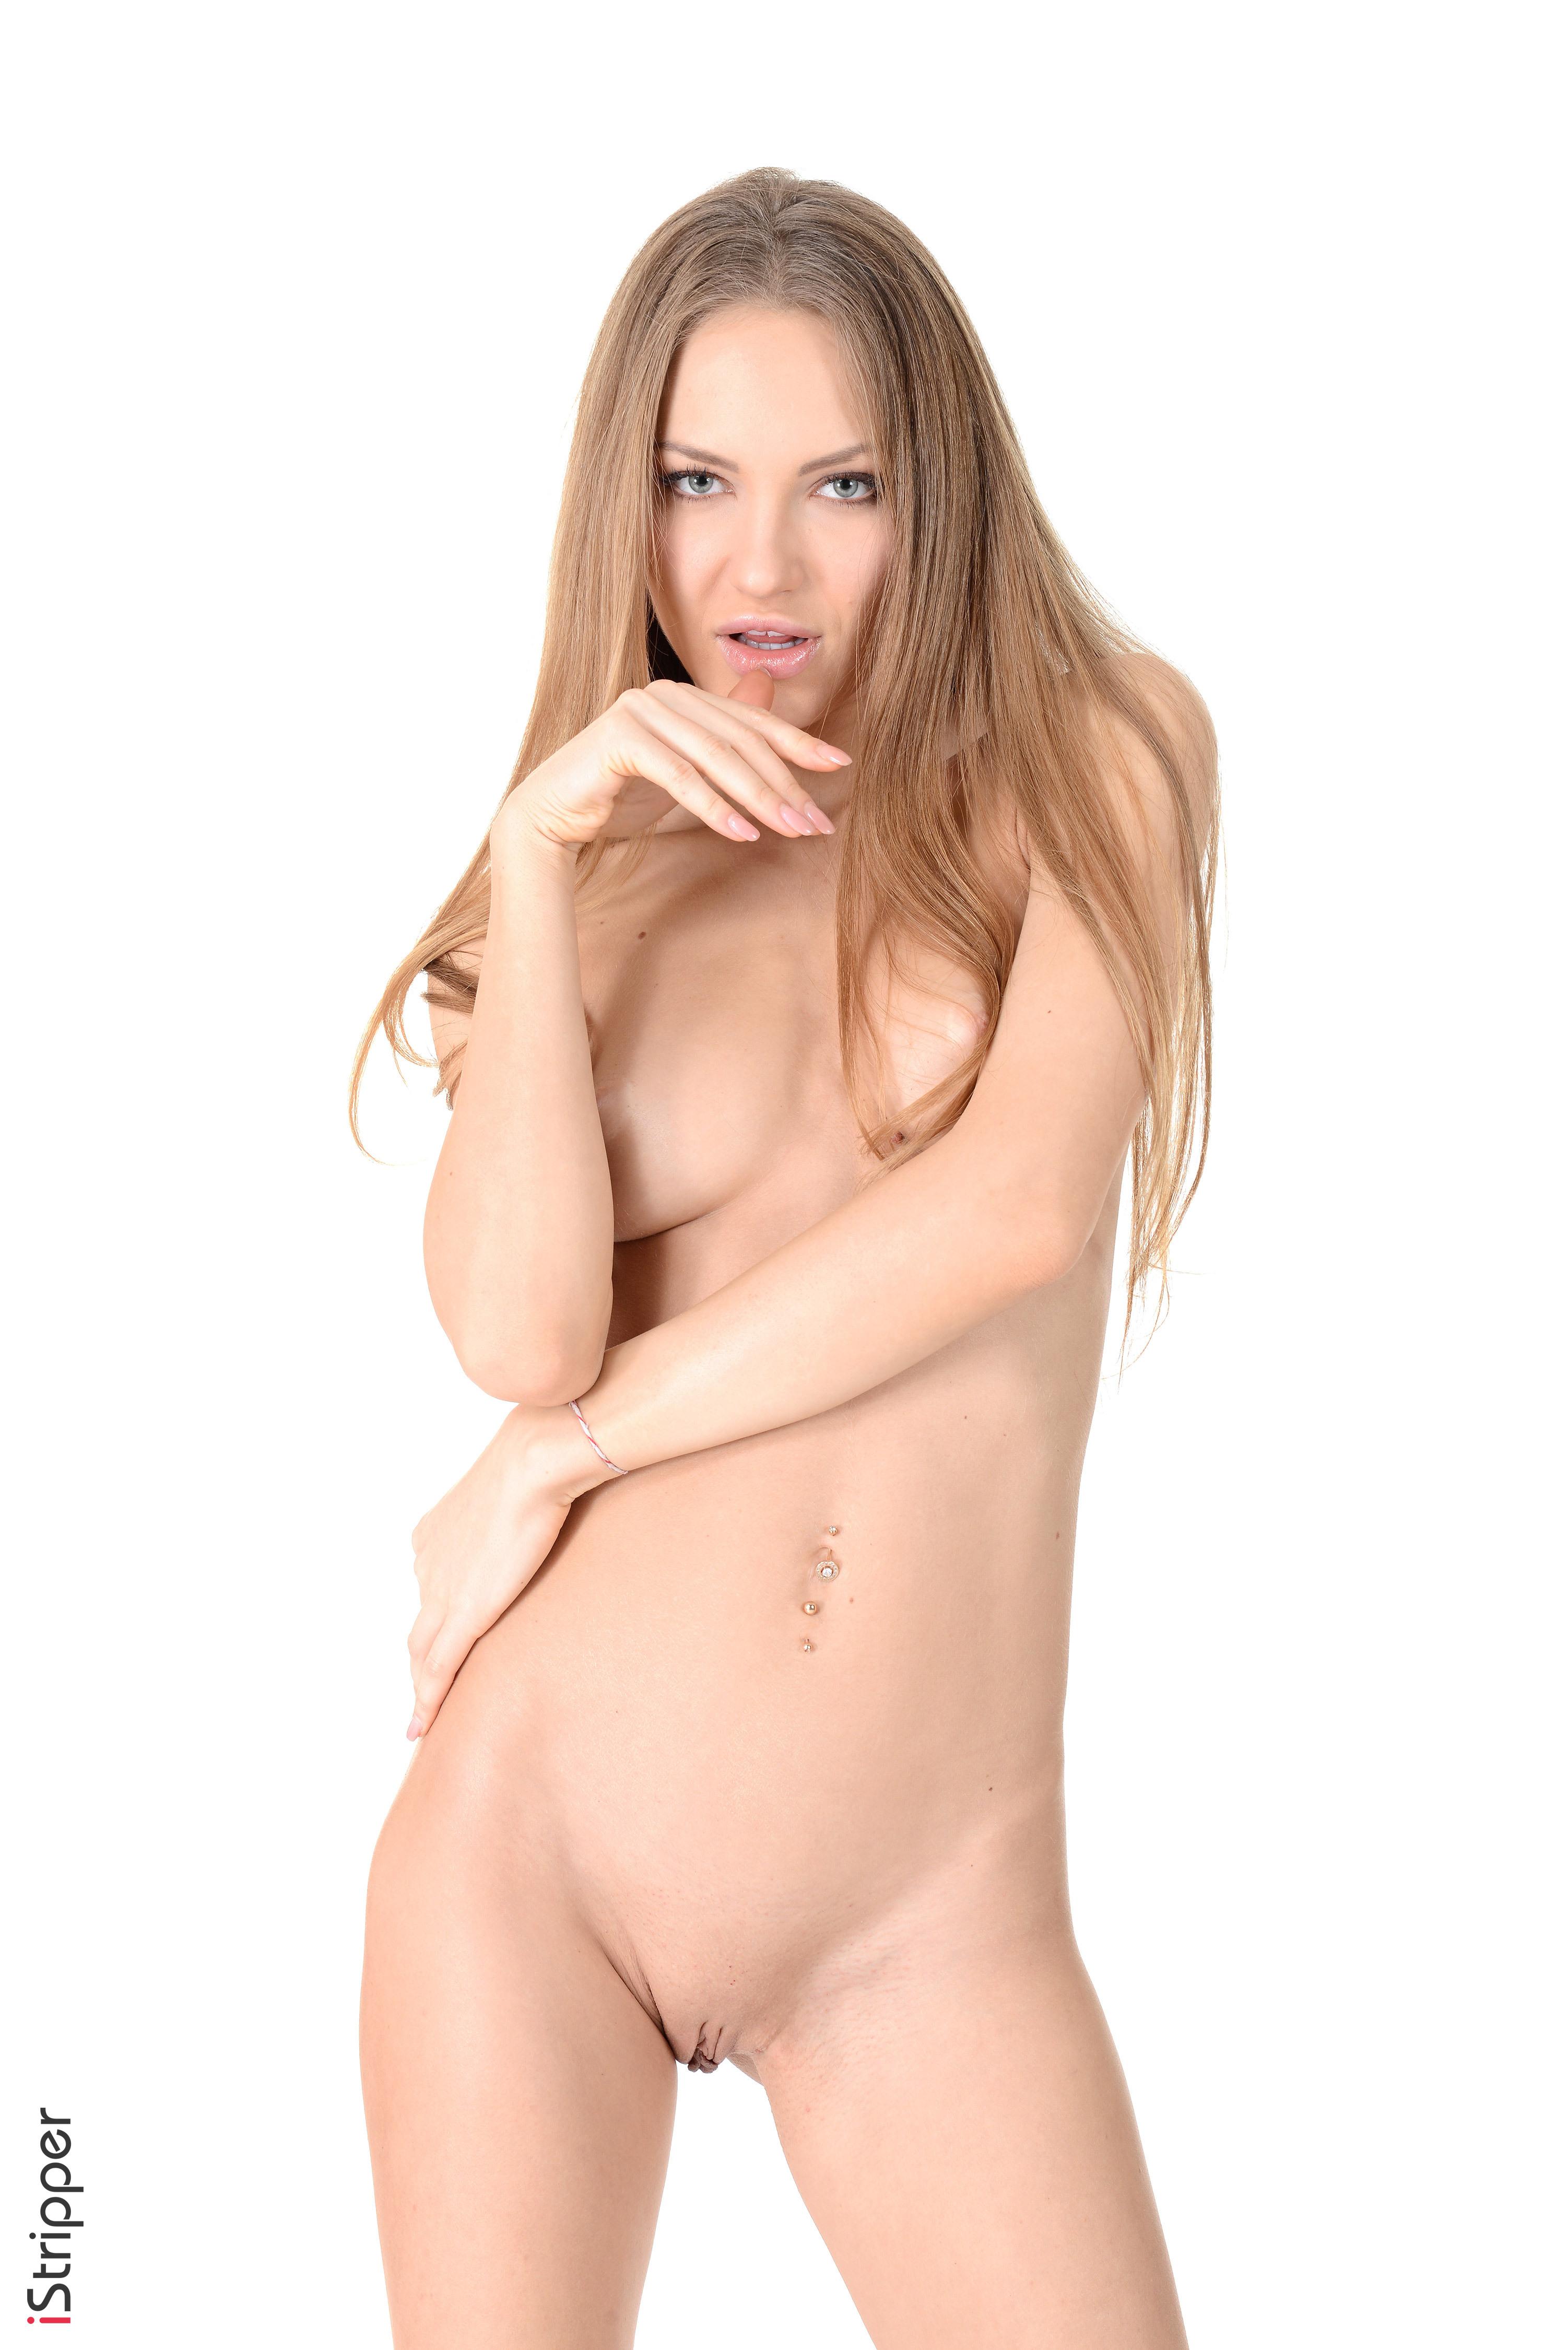 nude hd wallpaper